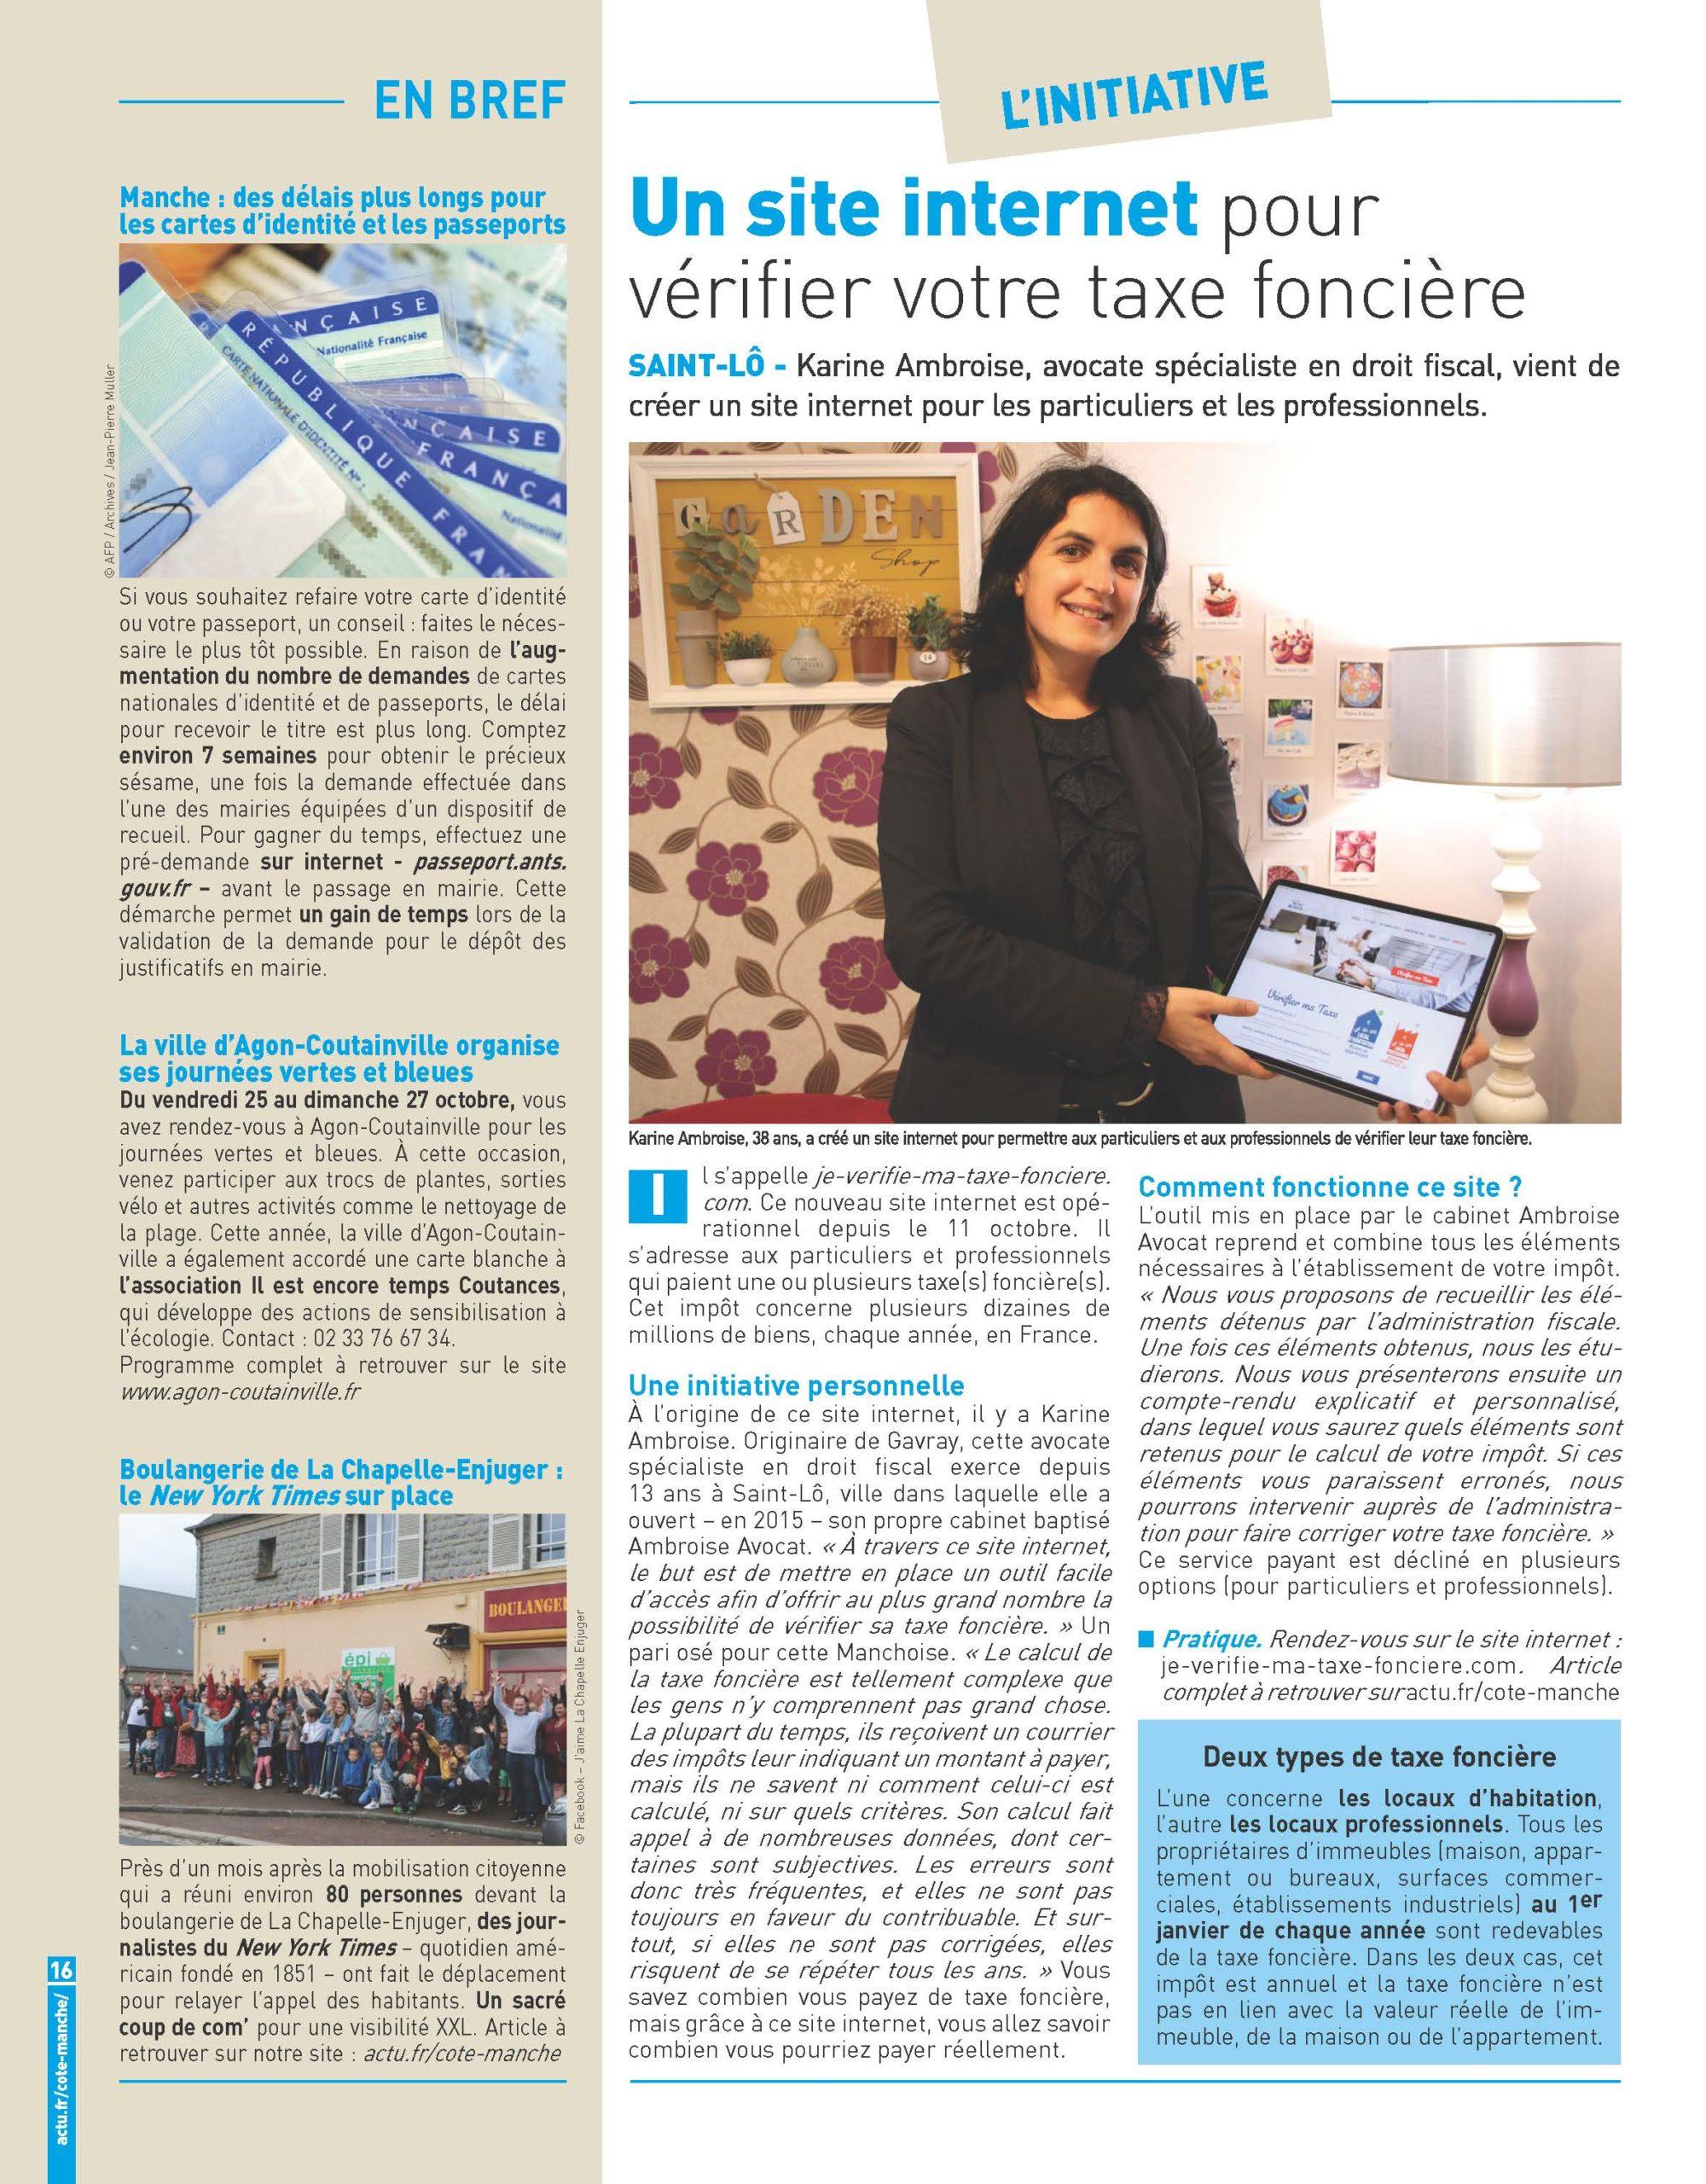 Ouverture en septembre 2019 du site je vérifie ma taxe foncière par Karine AMBROISE Avocat Spécialiste en droit fiscal